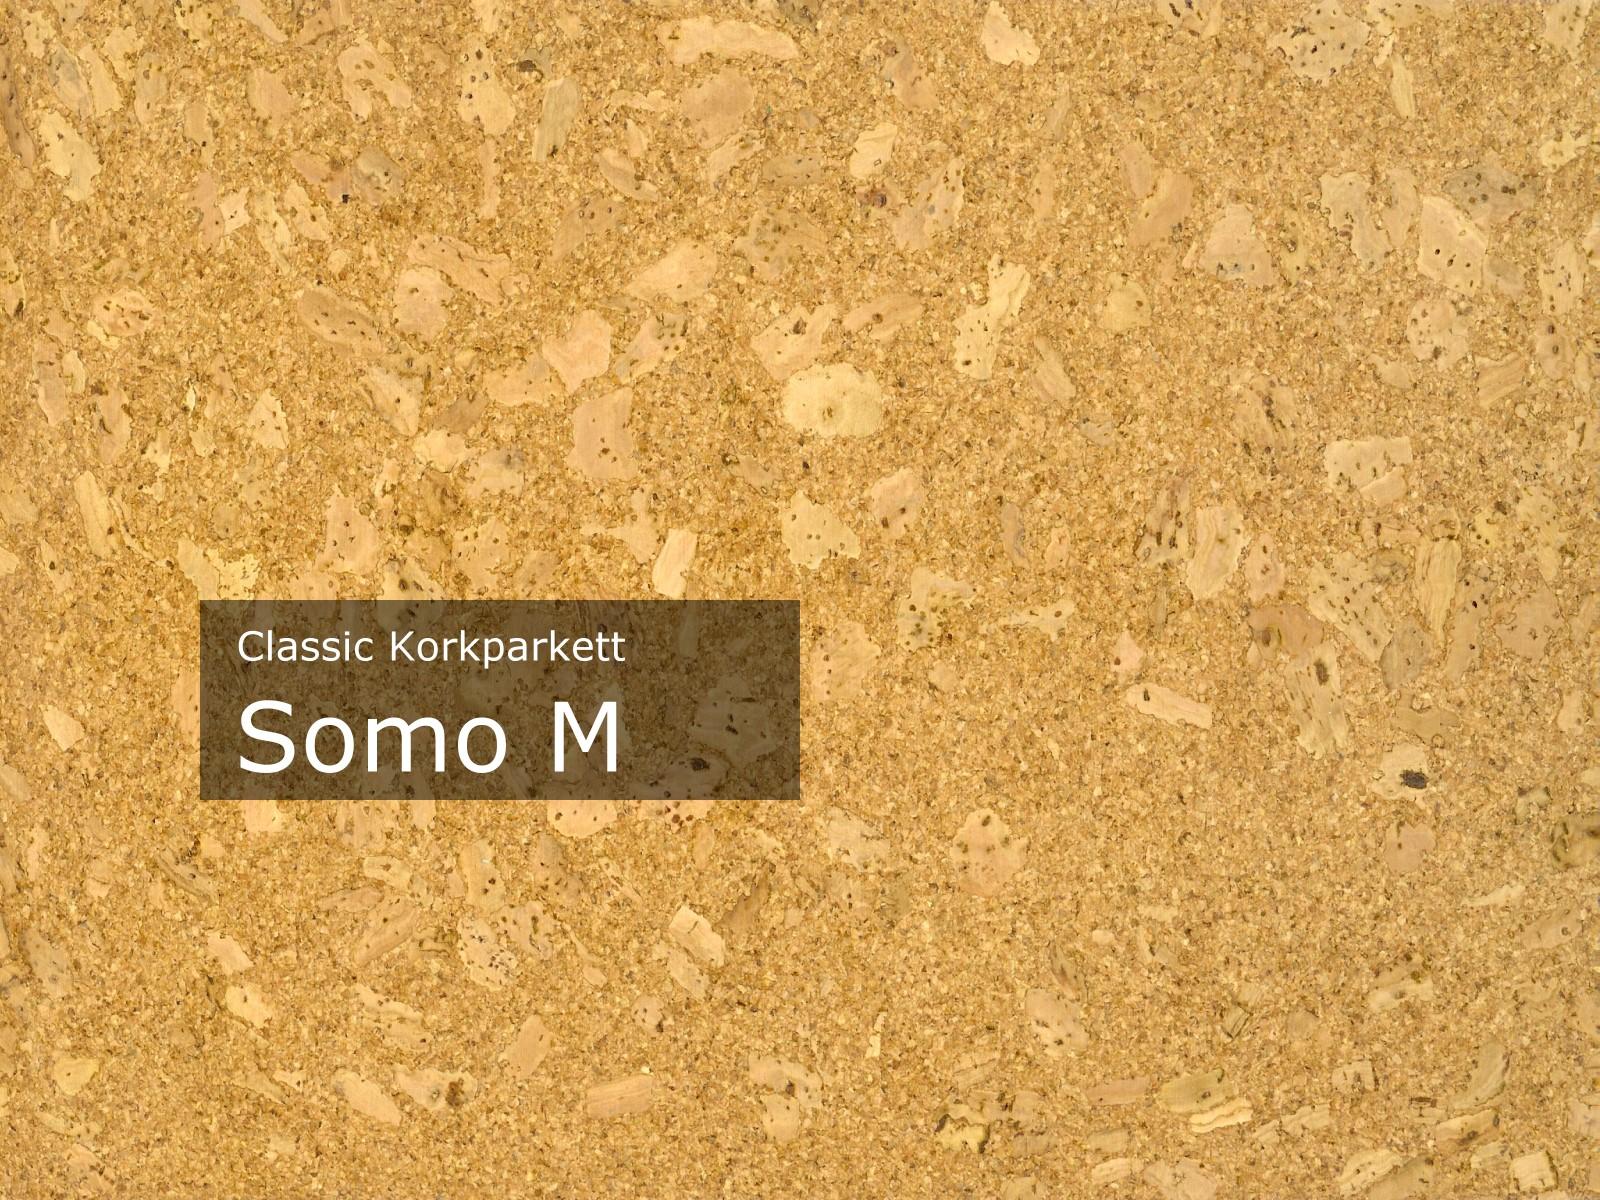 Classic Korkparkett Somo M - Boden Struck | Essen